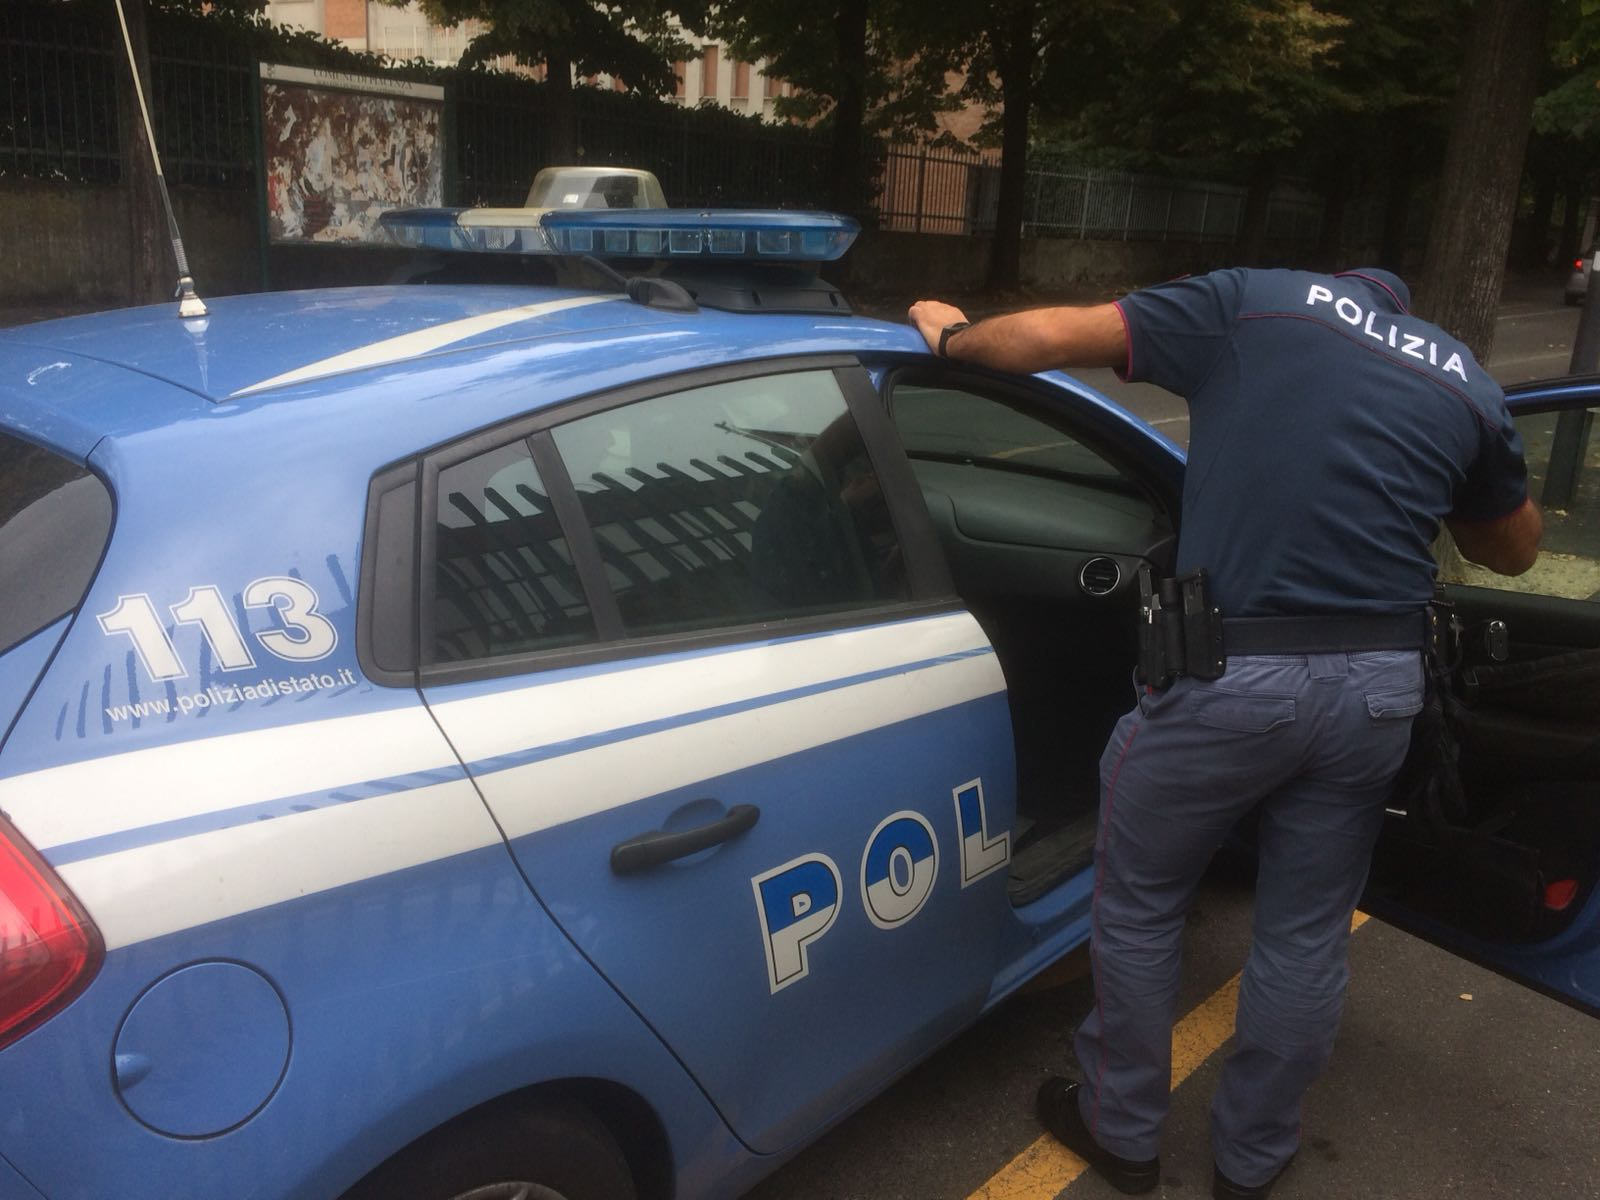 Ruba una bottiglia, ma viene scoperto: egiziano picchia commesso, vigilante  e un poliziotto